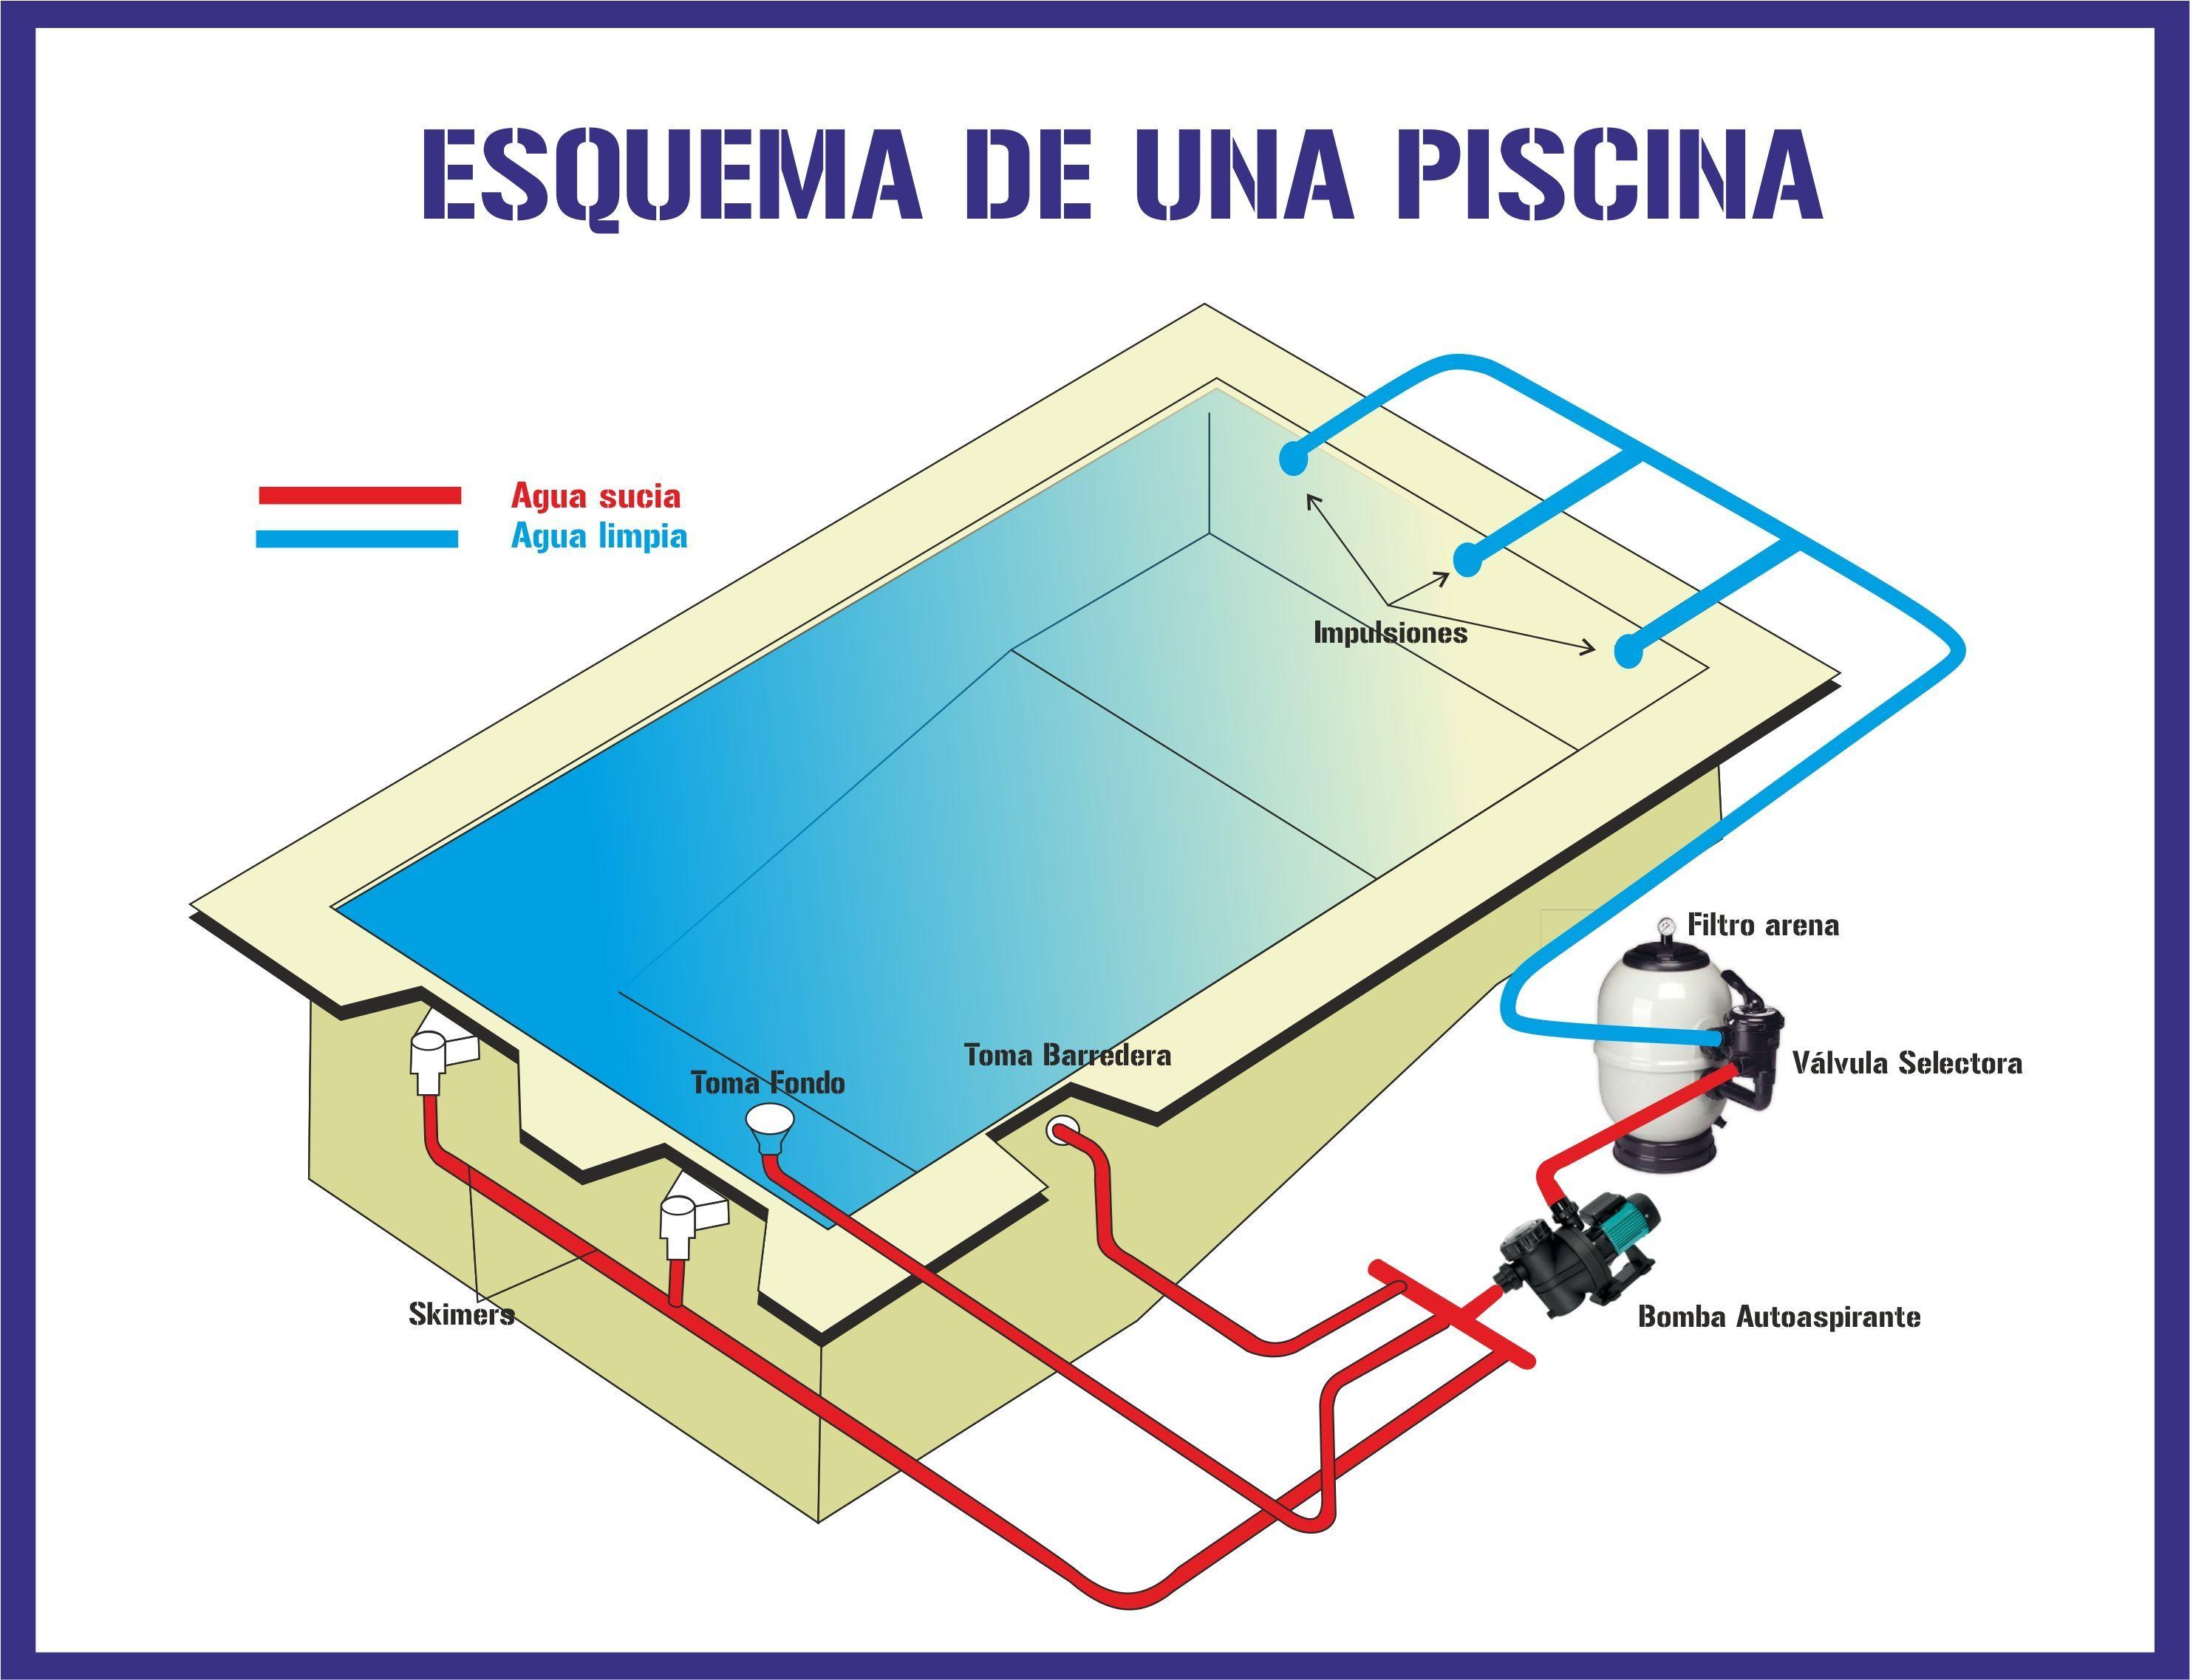 Radiograf a de las partes principales de una piscina for Planos para construir una piscina